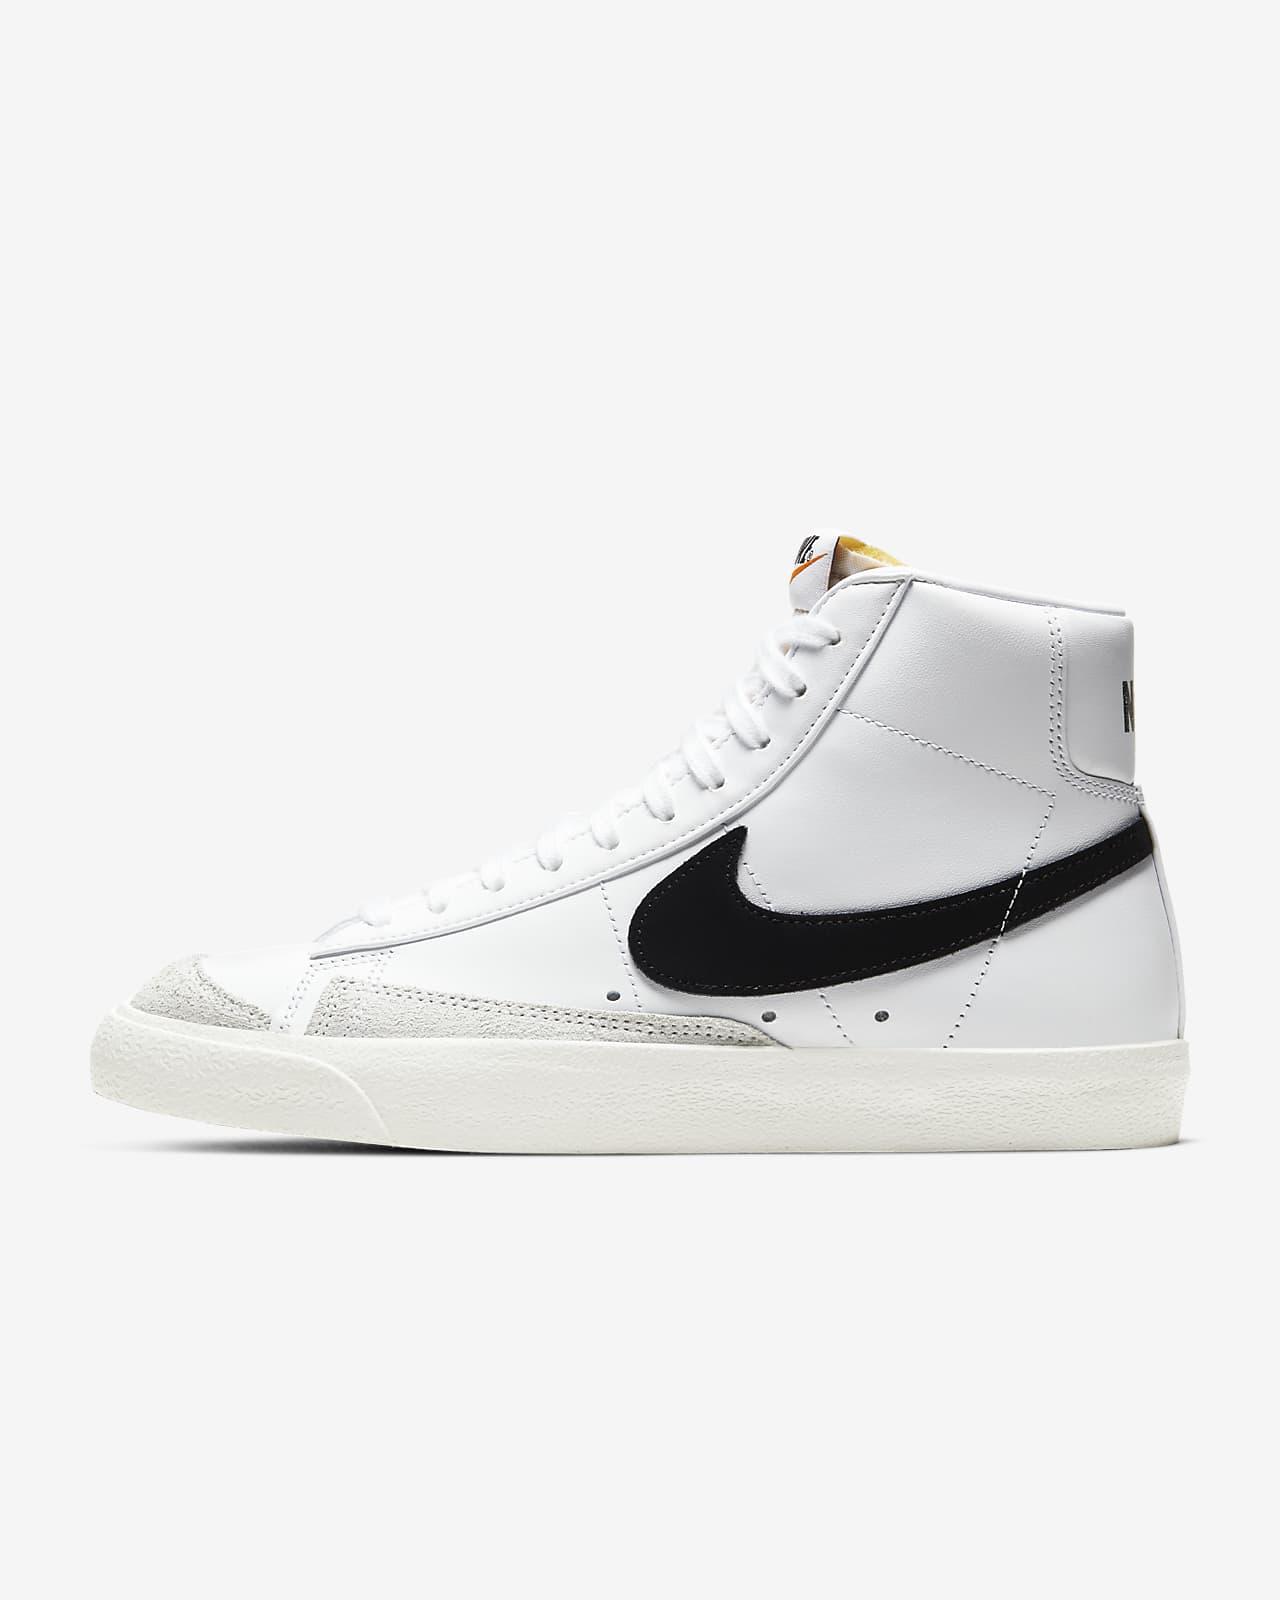 Nike Blazer Mid '77 Vintage Kadın Ayakkabısı